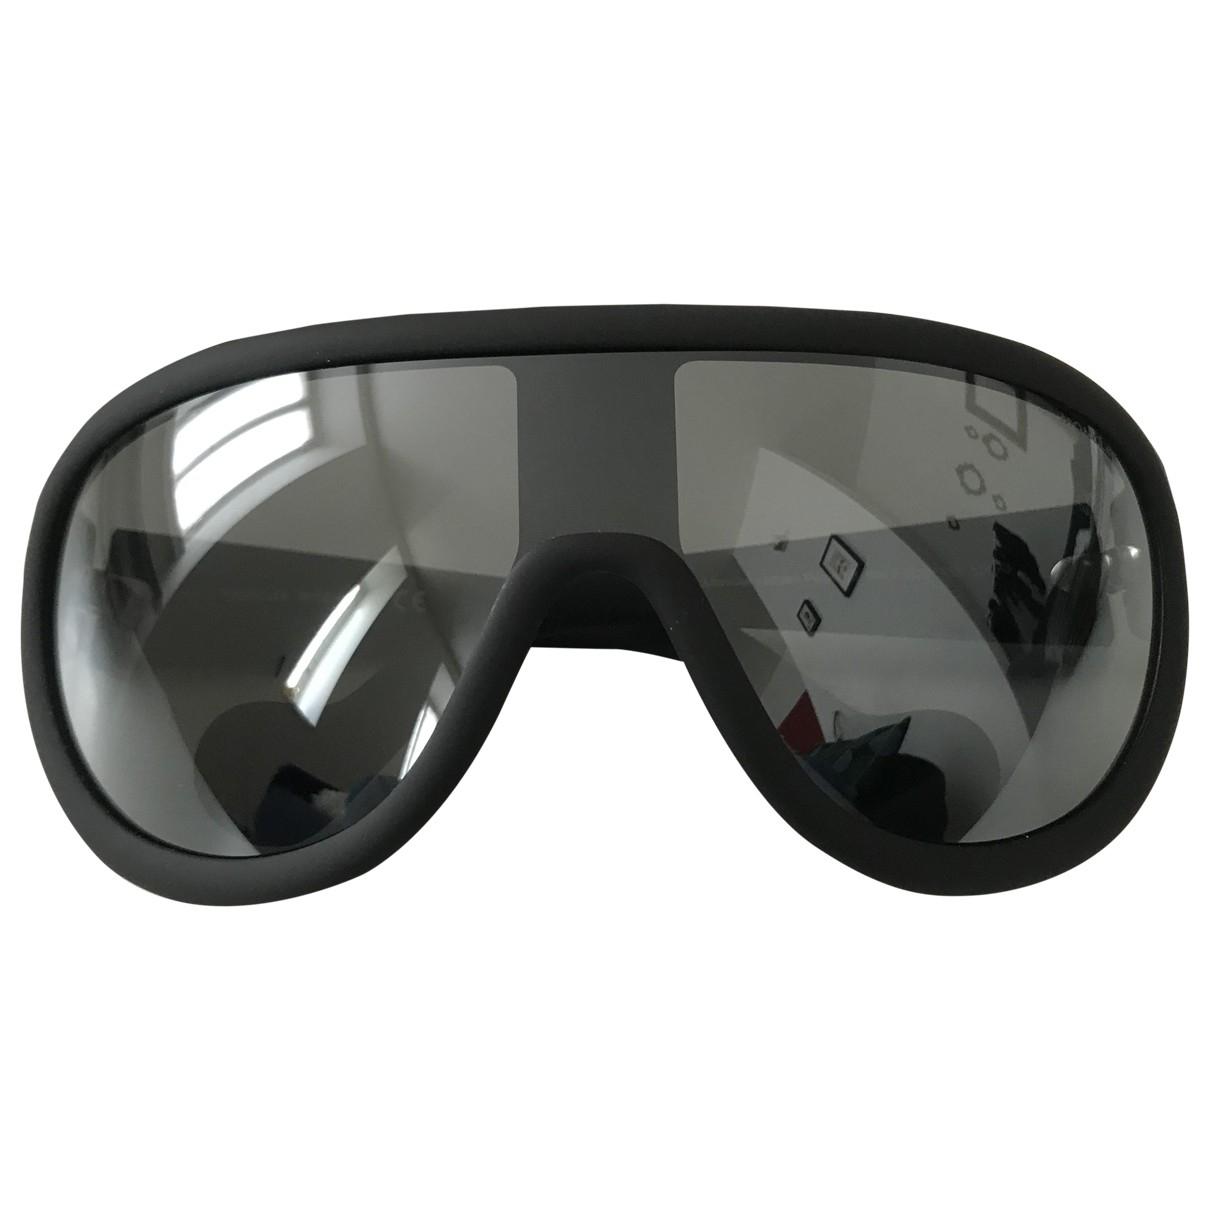 Moncler \N Sonnenbrillen in  Anthrazit Kunststoff